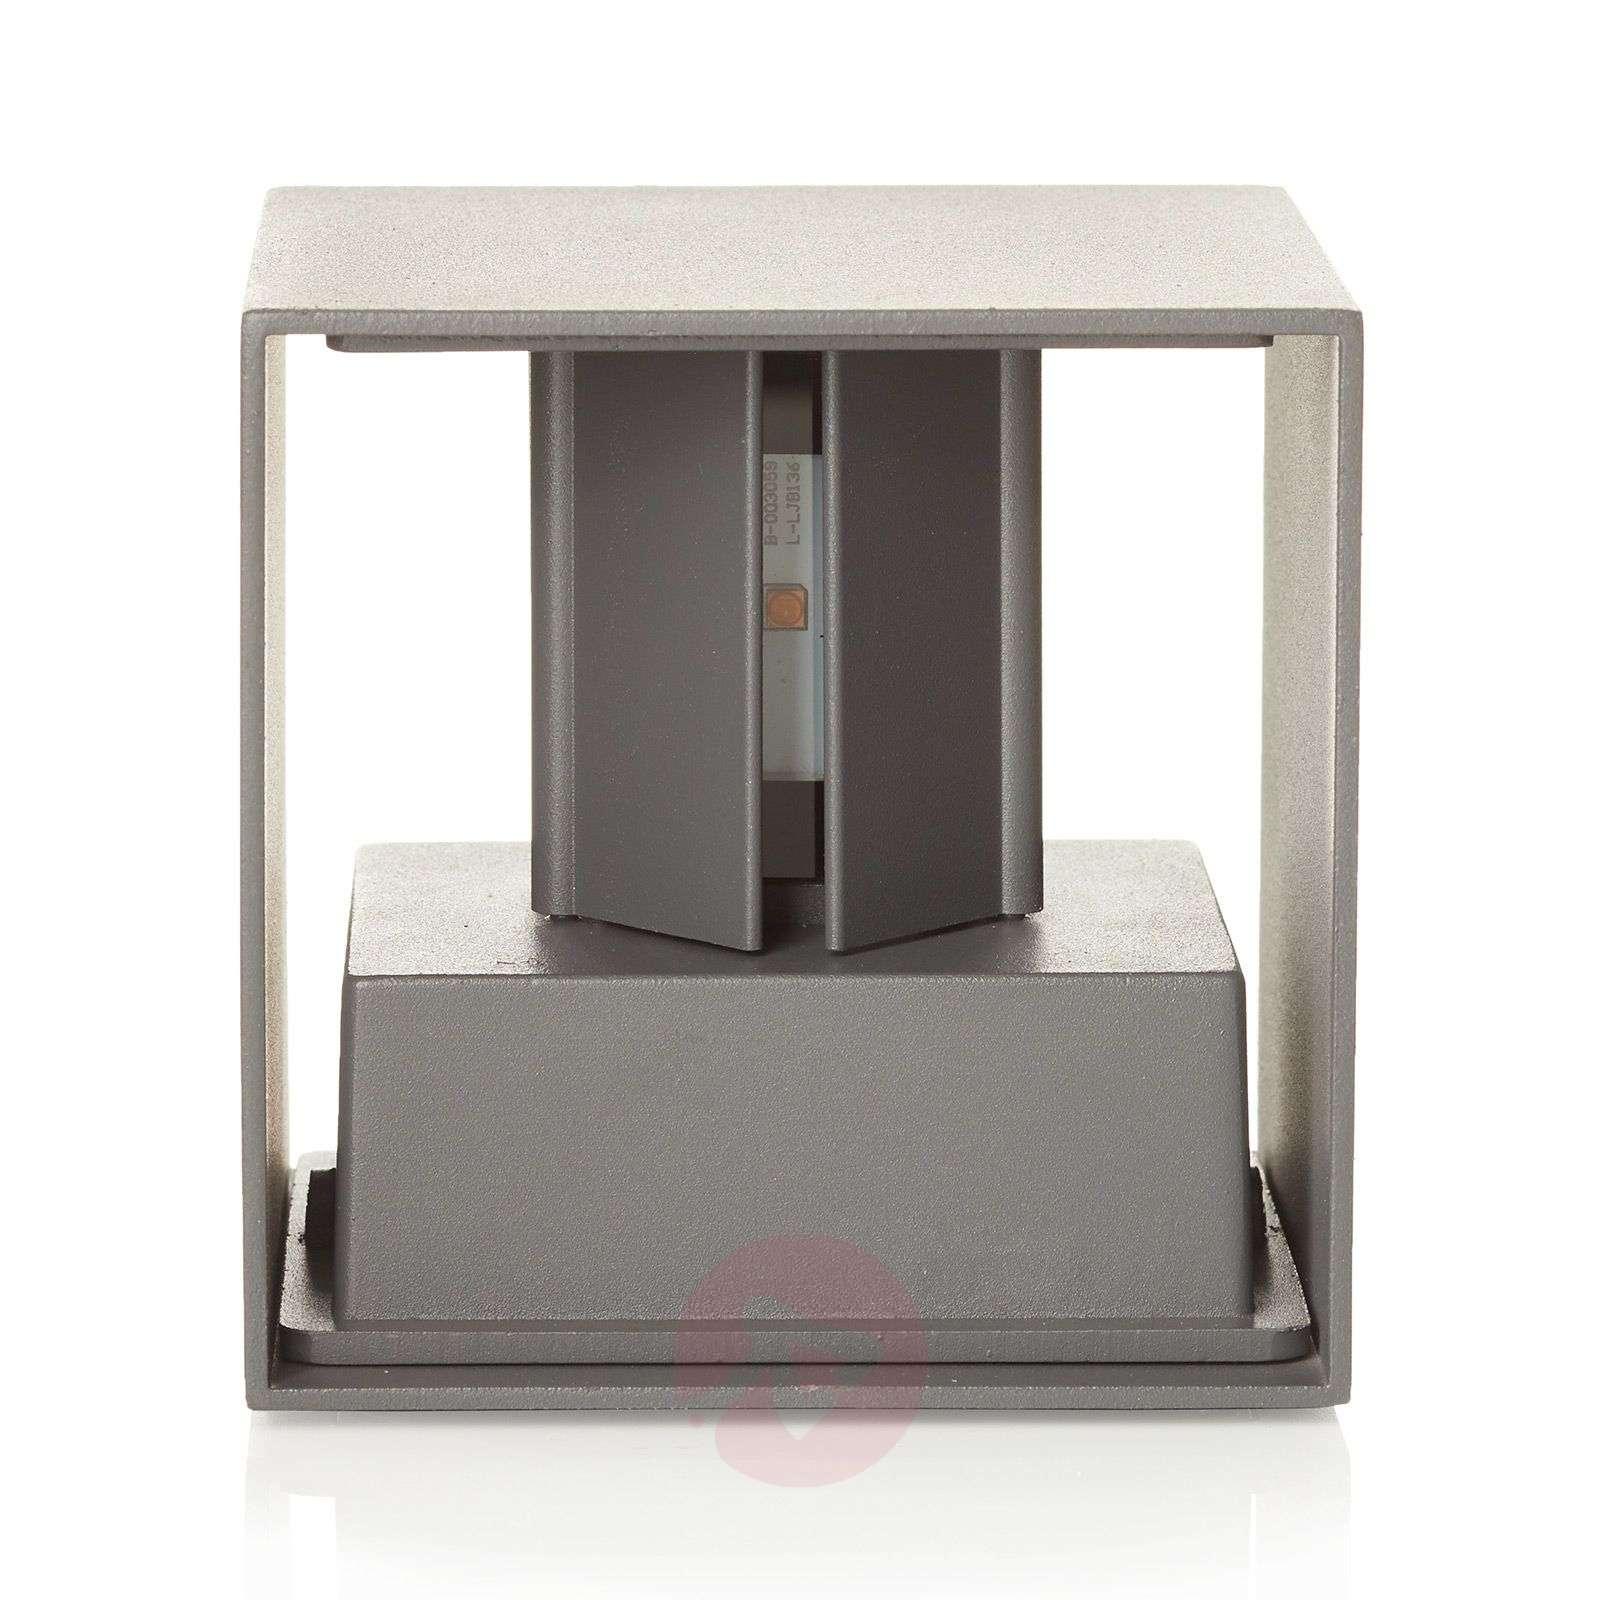 LED-ulkoseinälamppu Cube antrasiitti-7255467-01